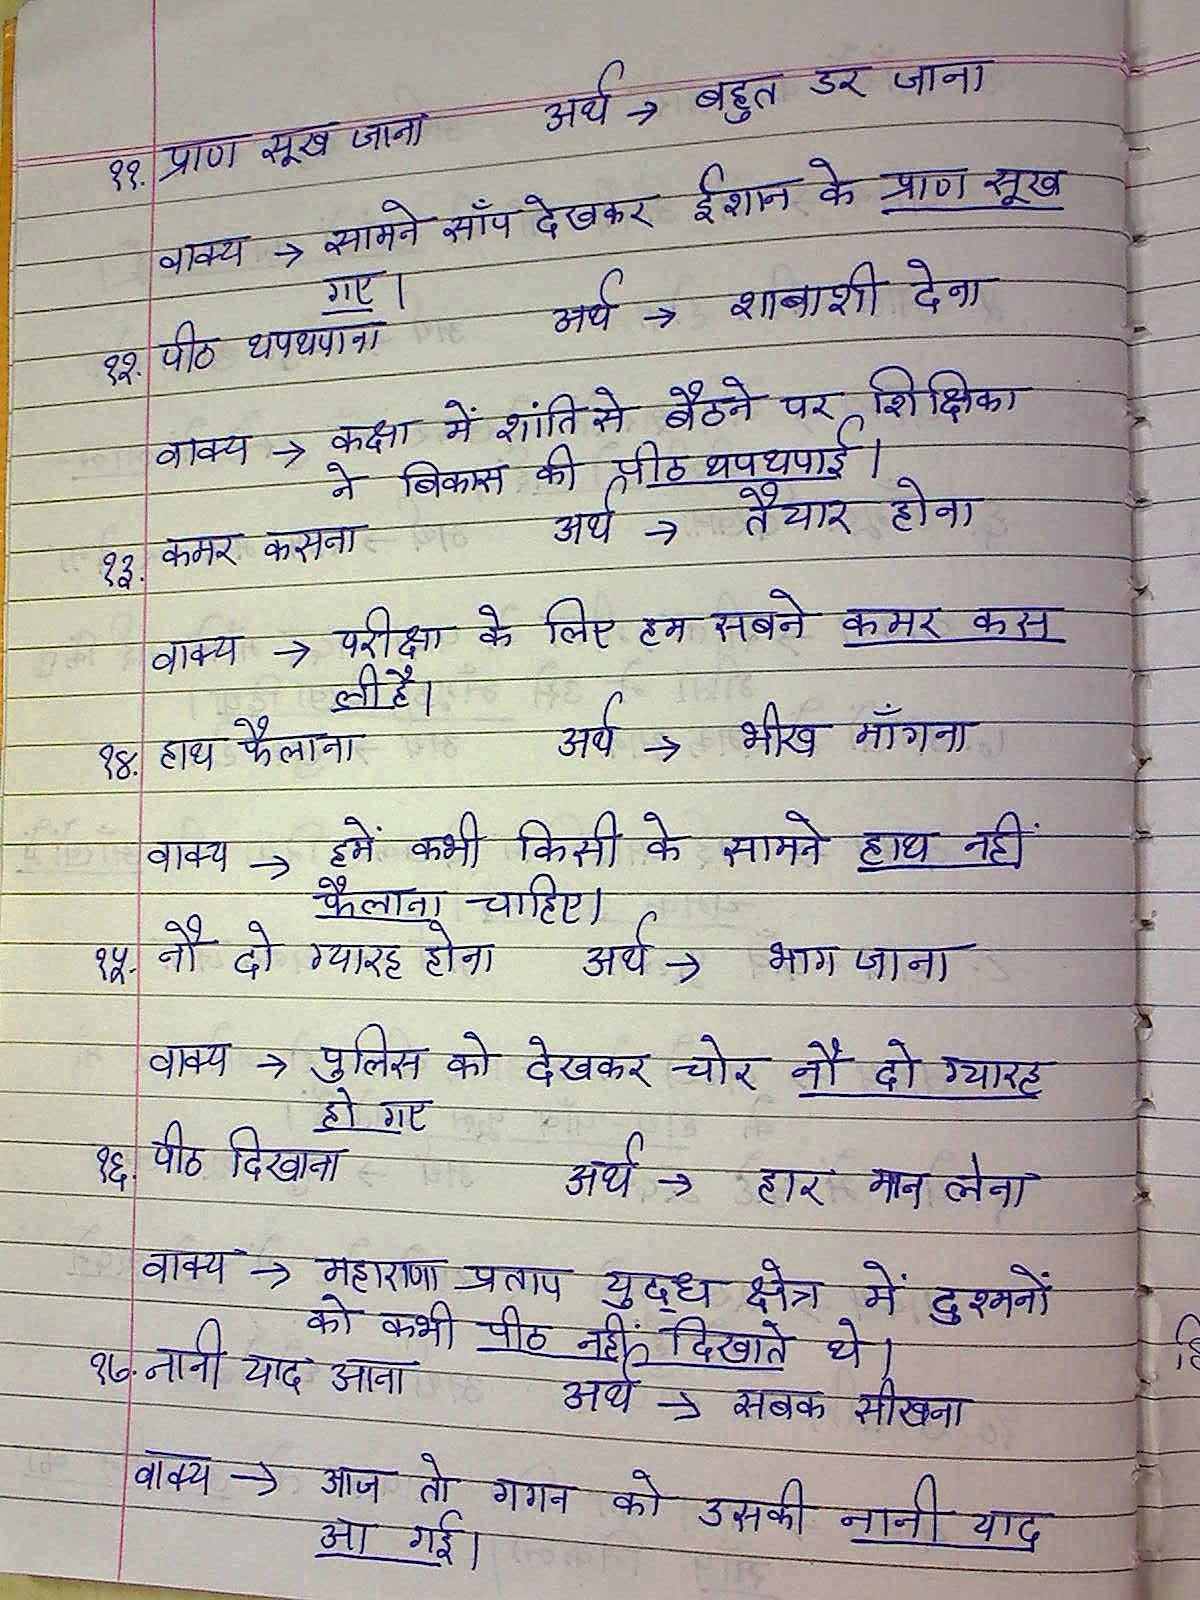 STARS OF PIS AHMEDABAD STD III: Hindi notes Muhavare